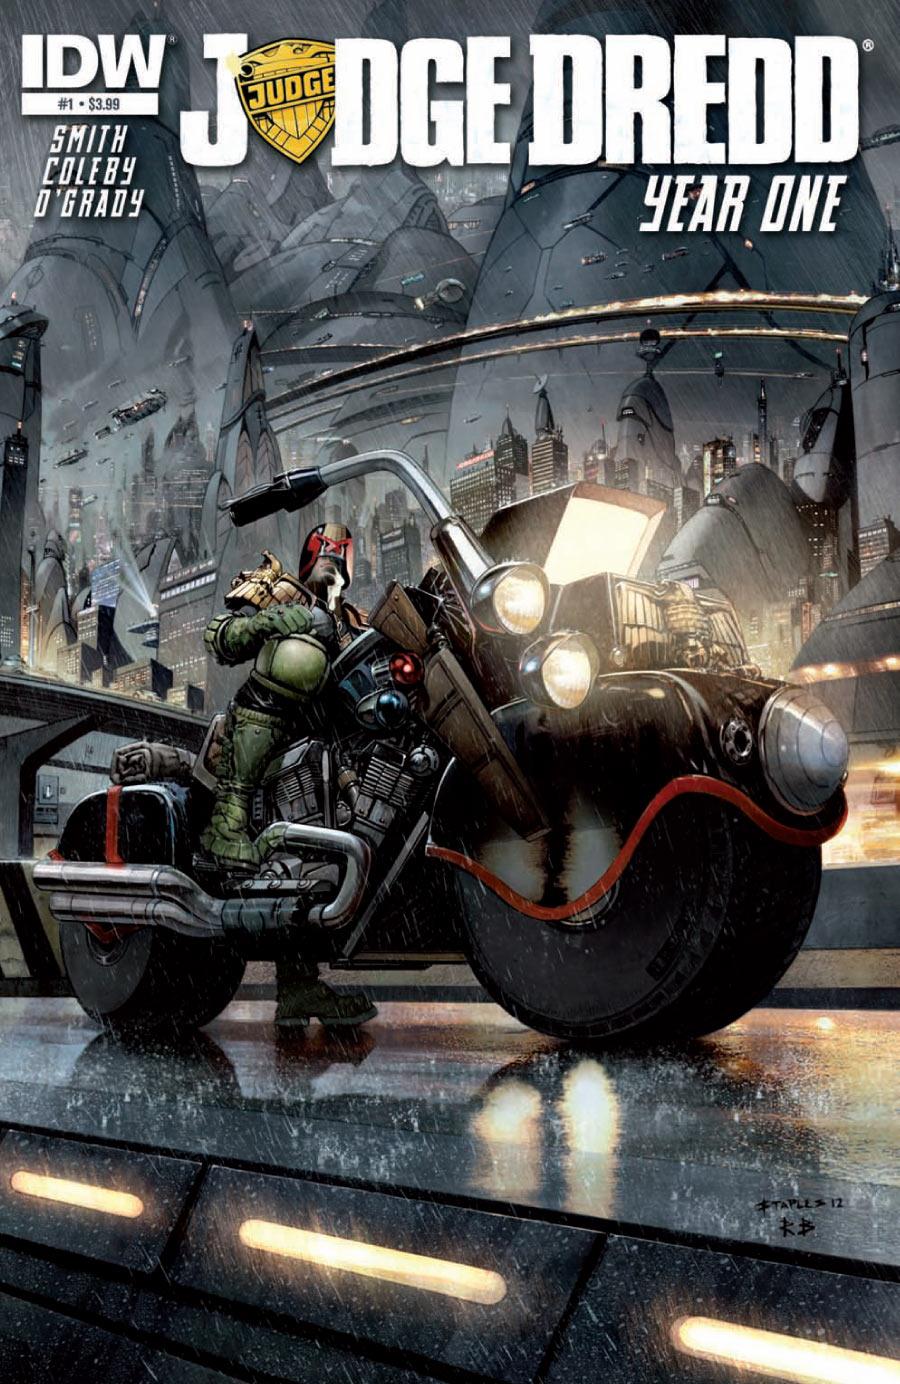 Judge Dredd: Year One #1